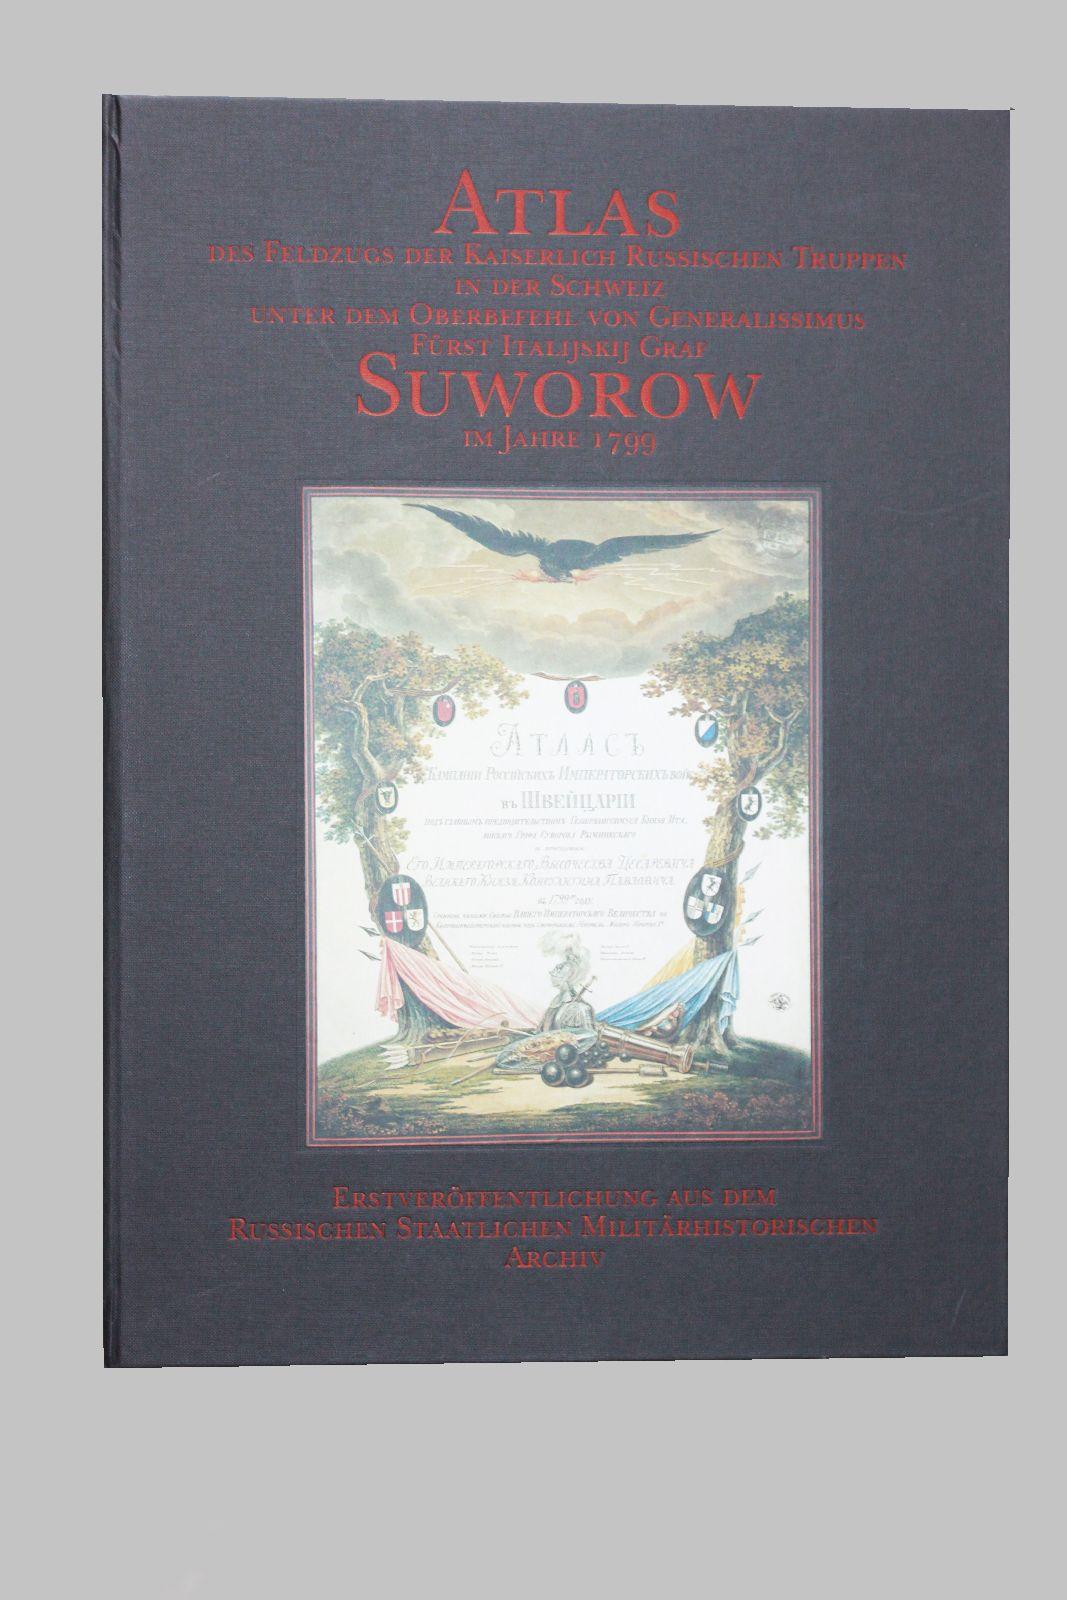 c33c8b842ffb0 Atlas des Feldzuges der kaiserlich russischen Truppen  Suworow